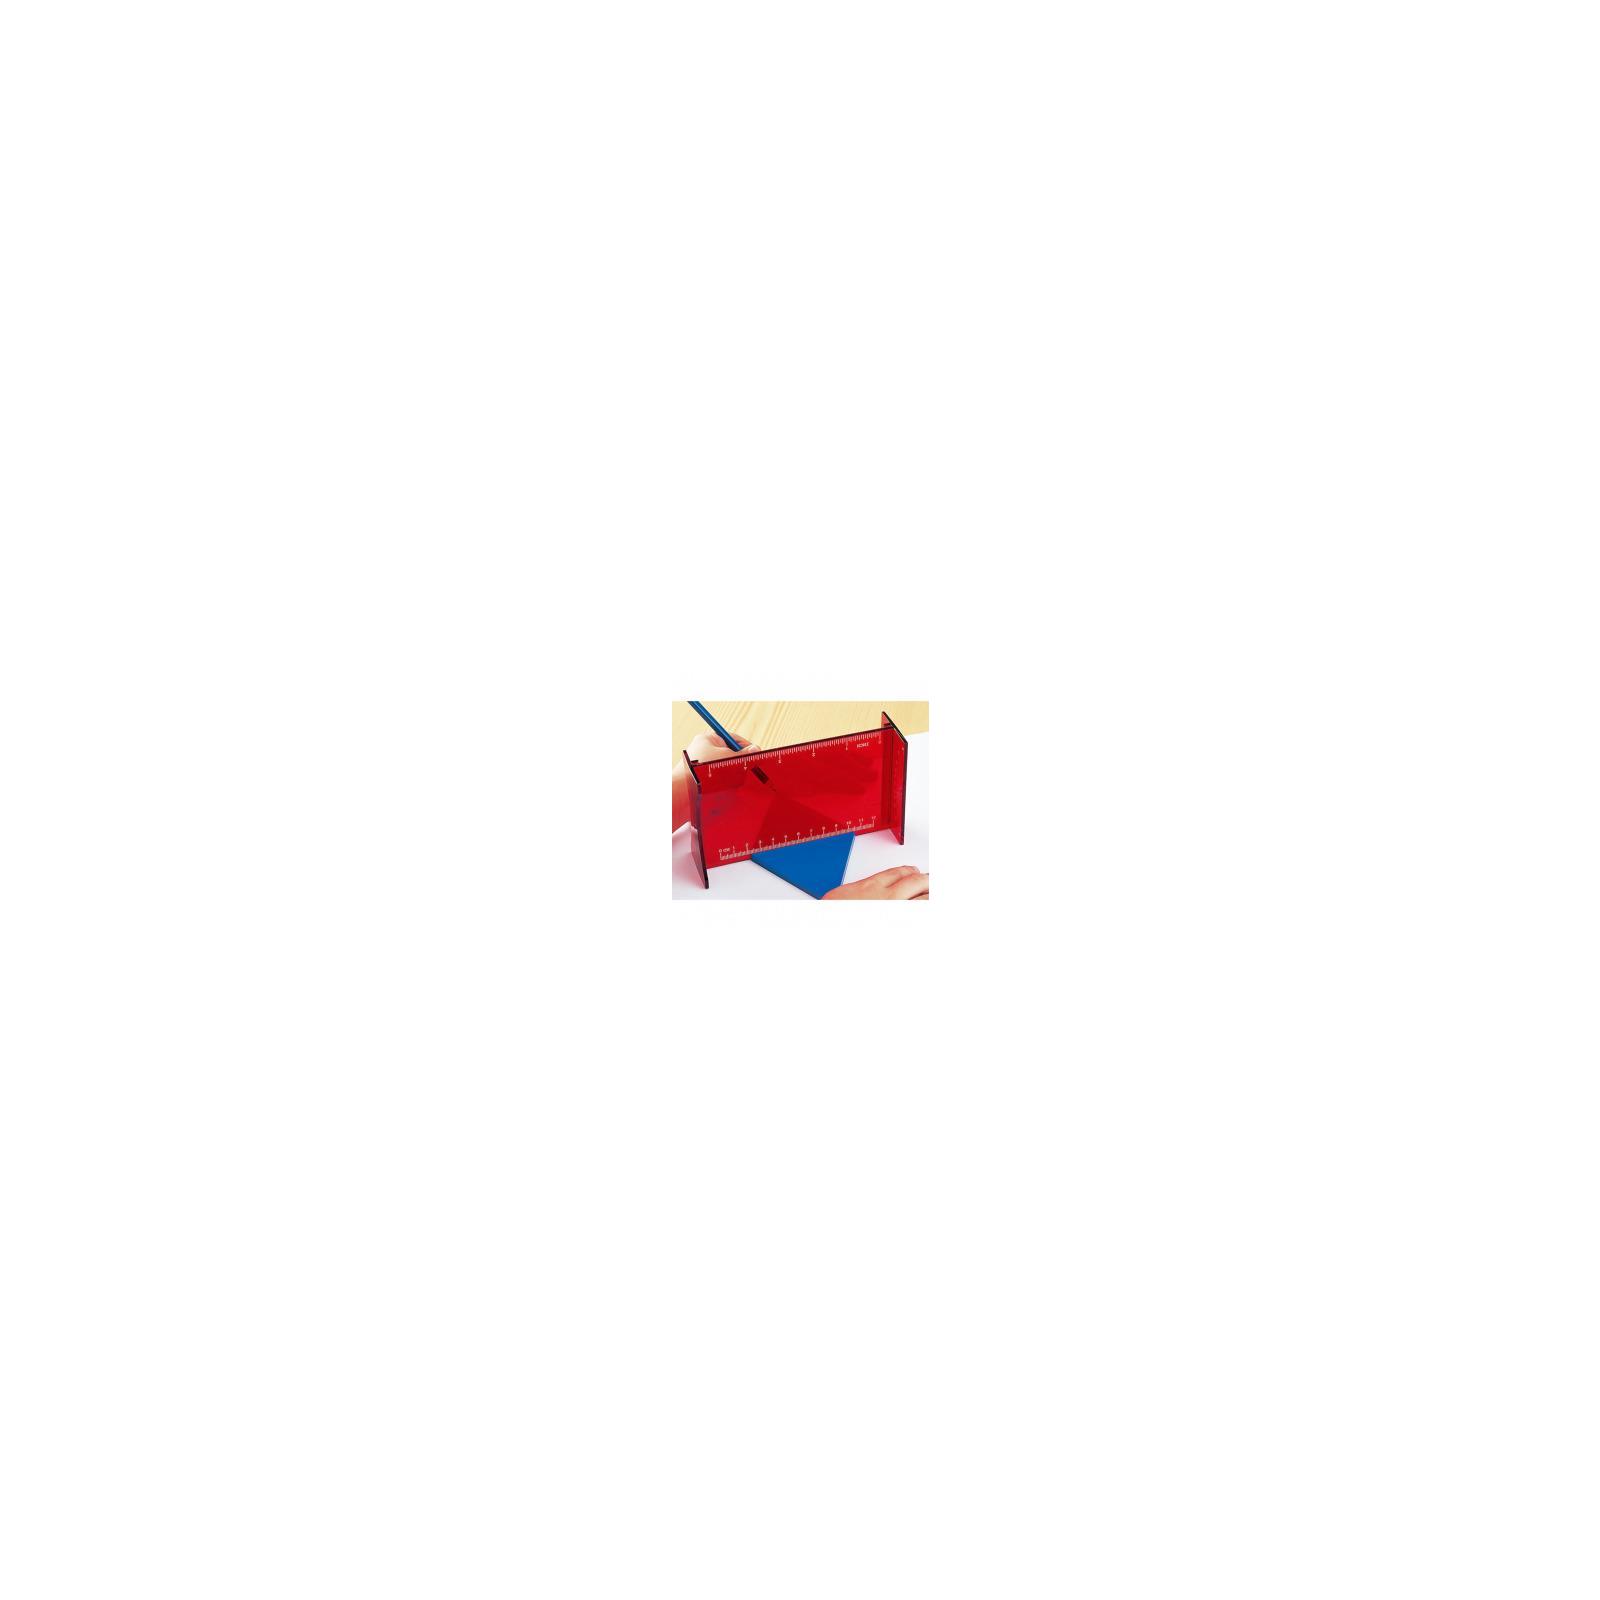 Обучающий набор Gigo Математическое зеркало (1062) изображение 2